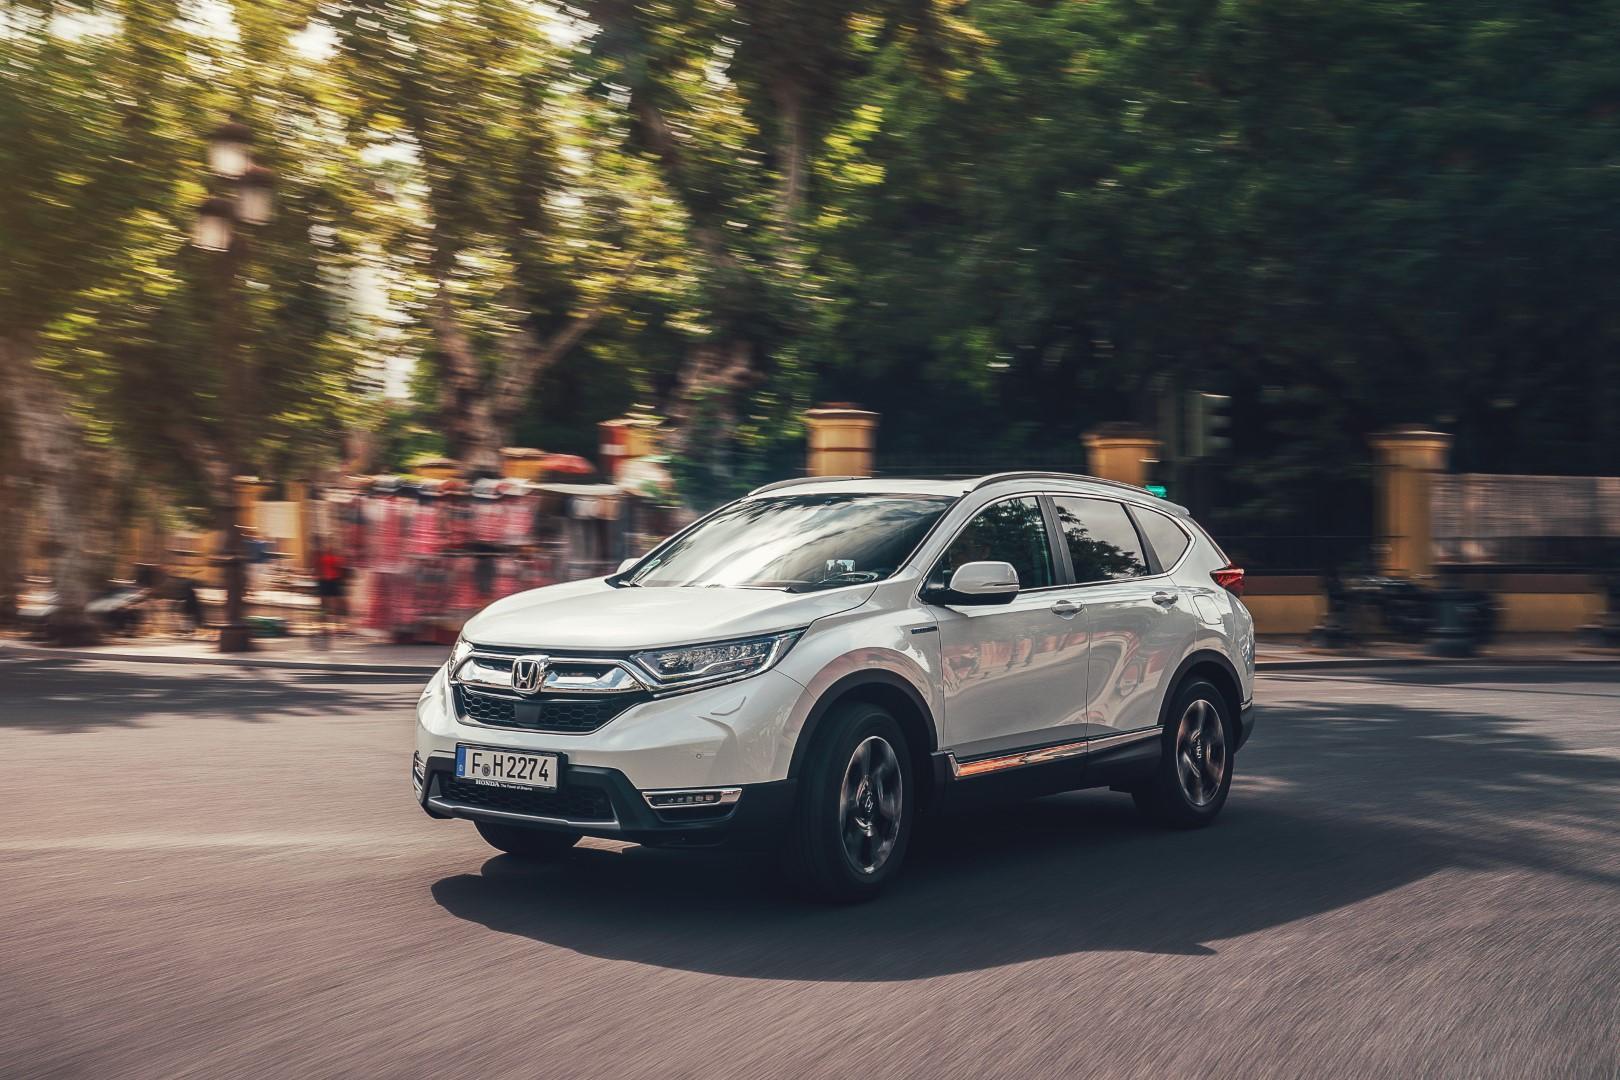 Le SUV Honda CR-V remporte le prix du magazine Auto Trader